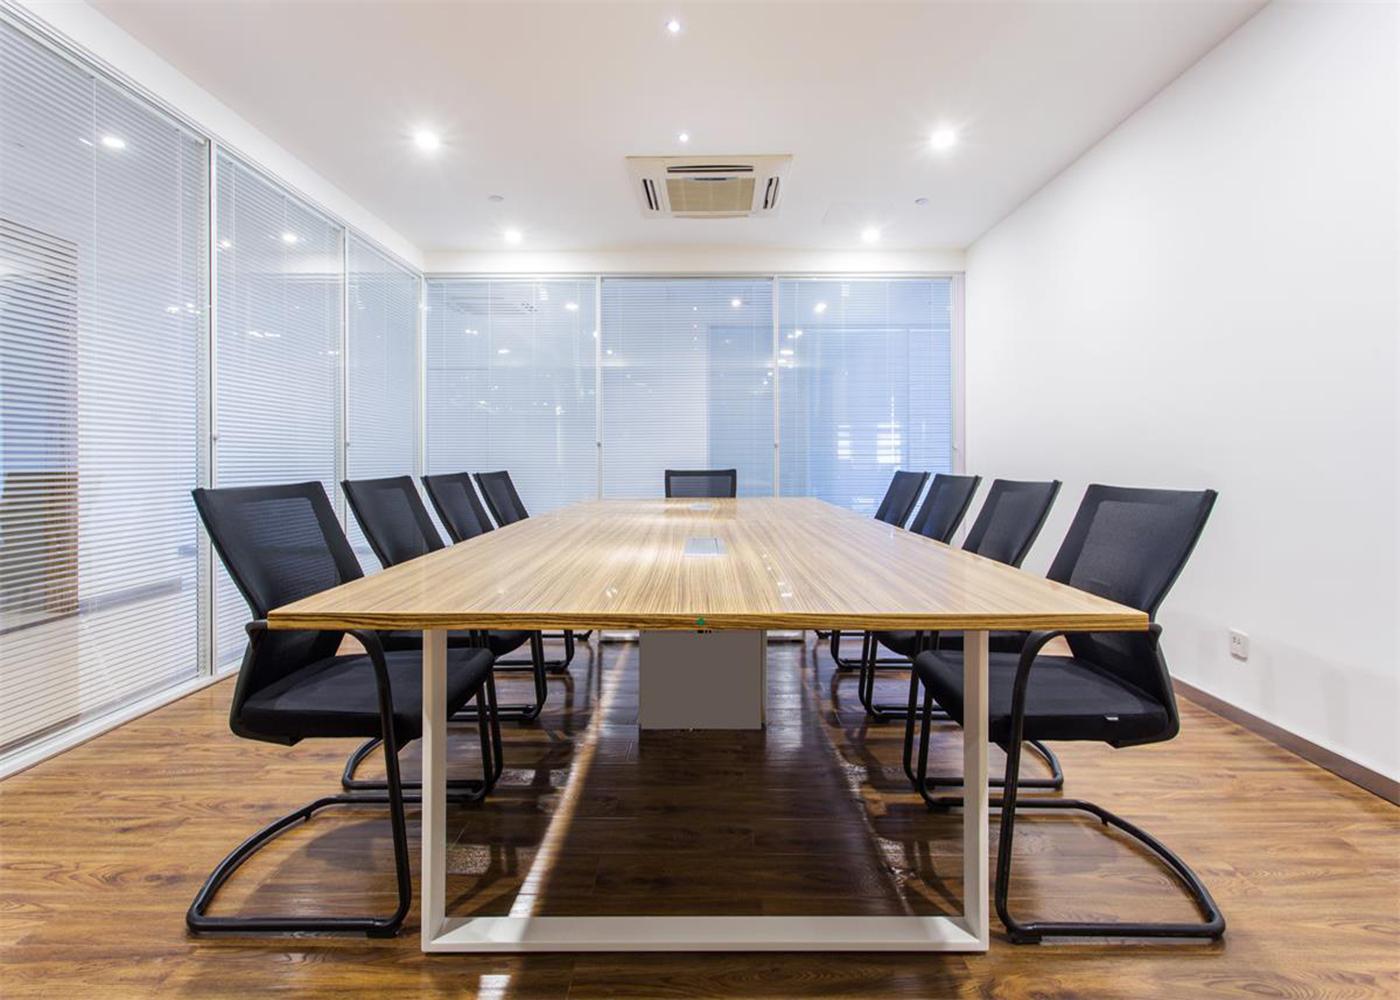 雷蒂斯会议桌A24,上海会议桌,【尺寸 价格 图片 品牌】